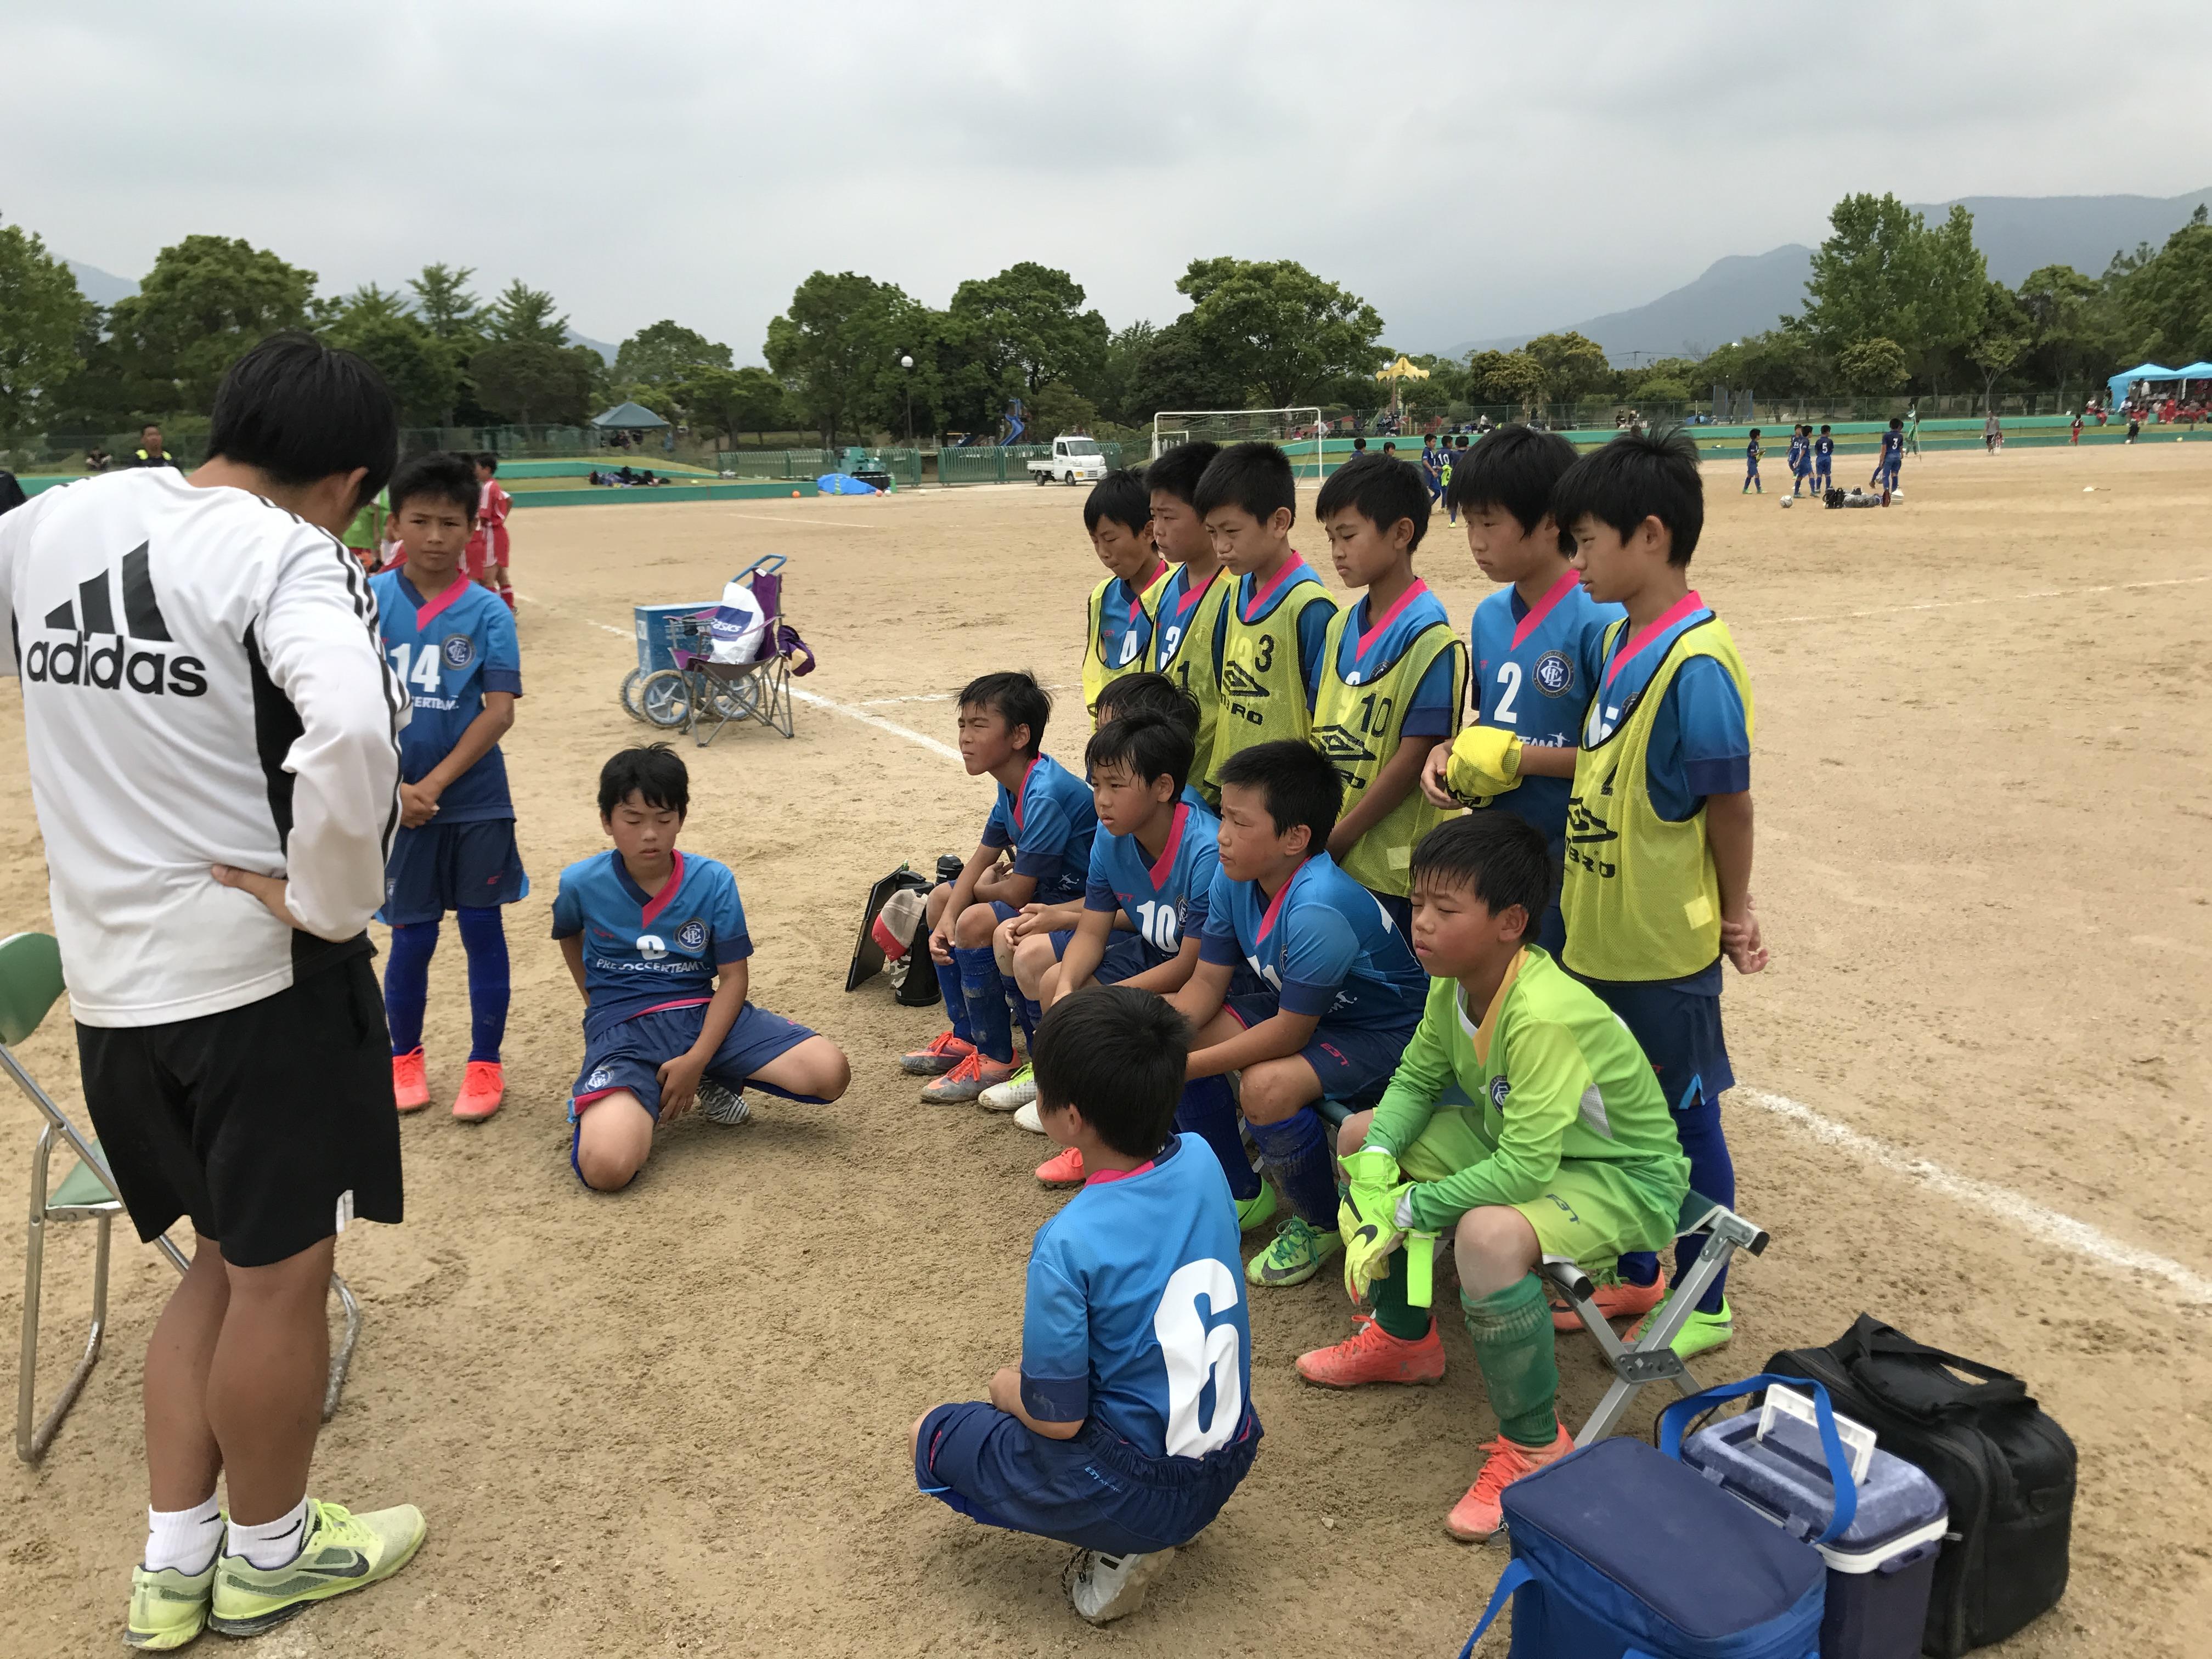 U-11・ファースト 1部リーグ結果 〜2部リーグ降格の入替戦へ〜